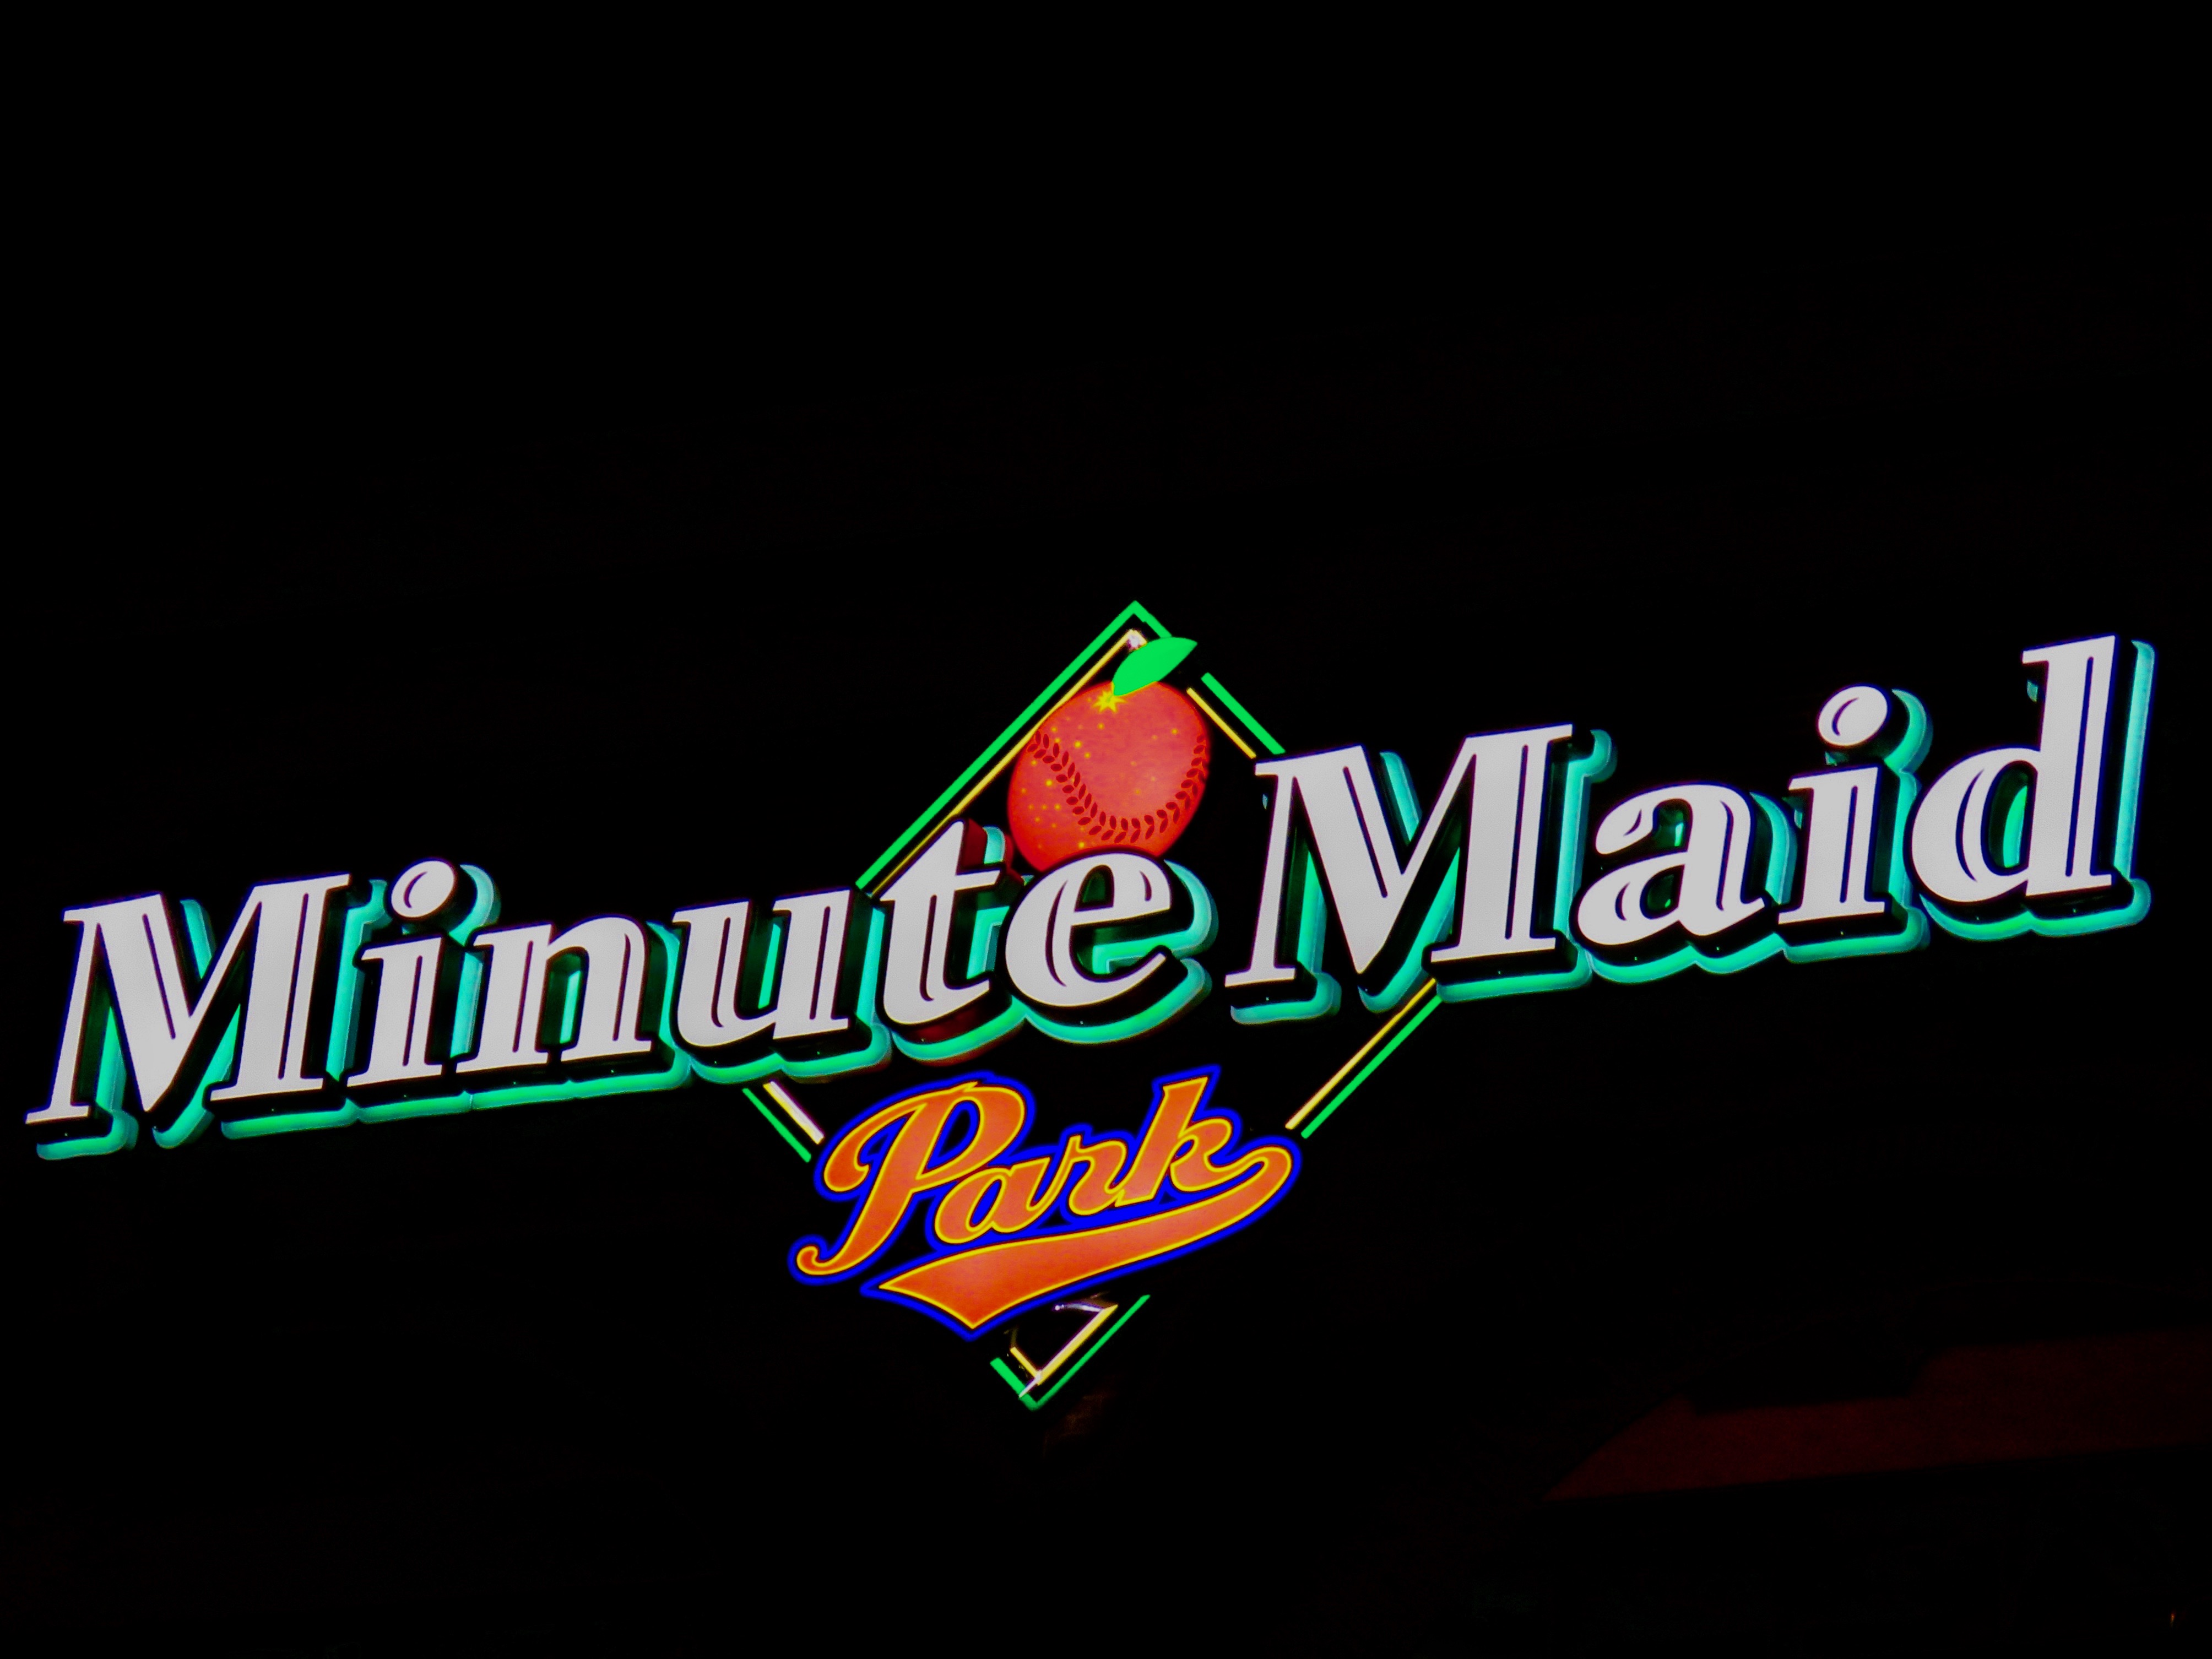 Minute Maid Park